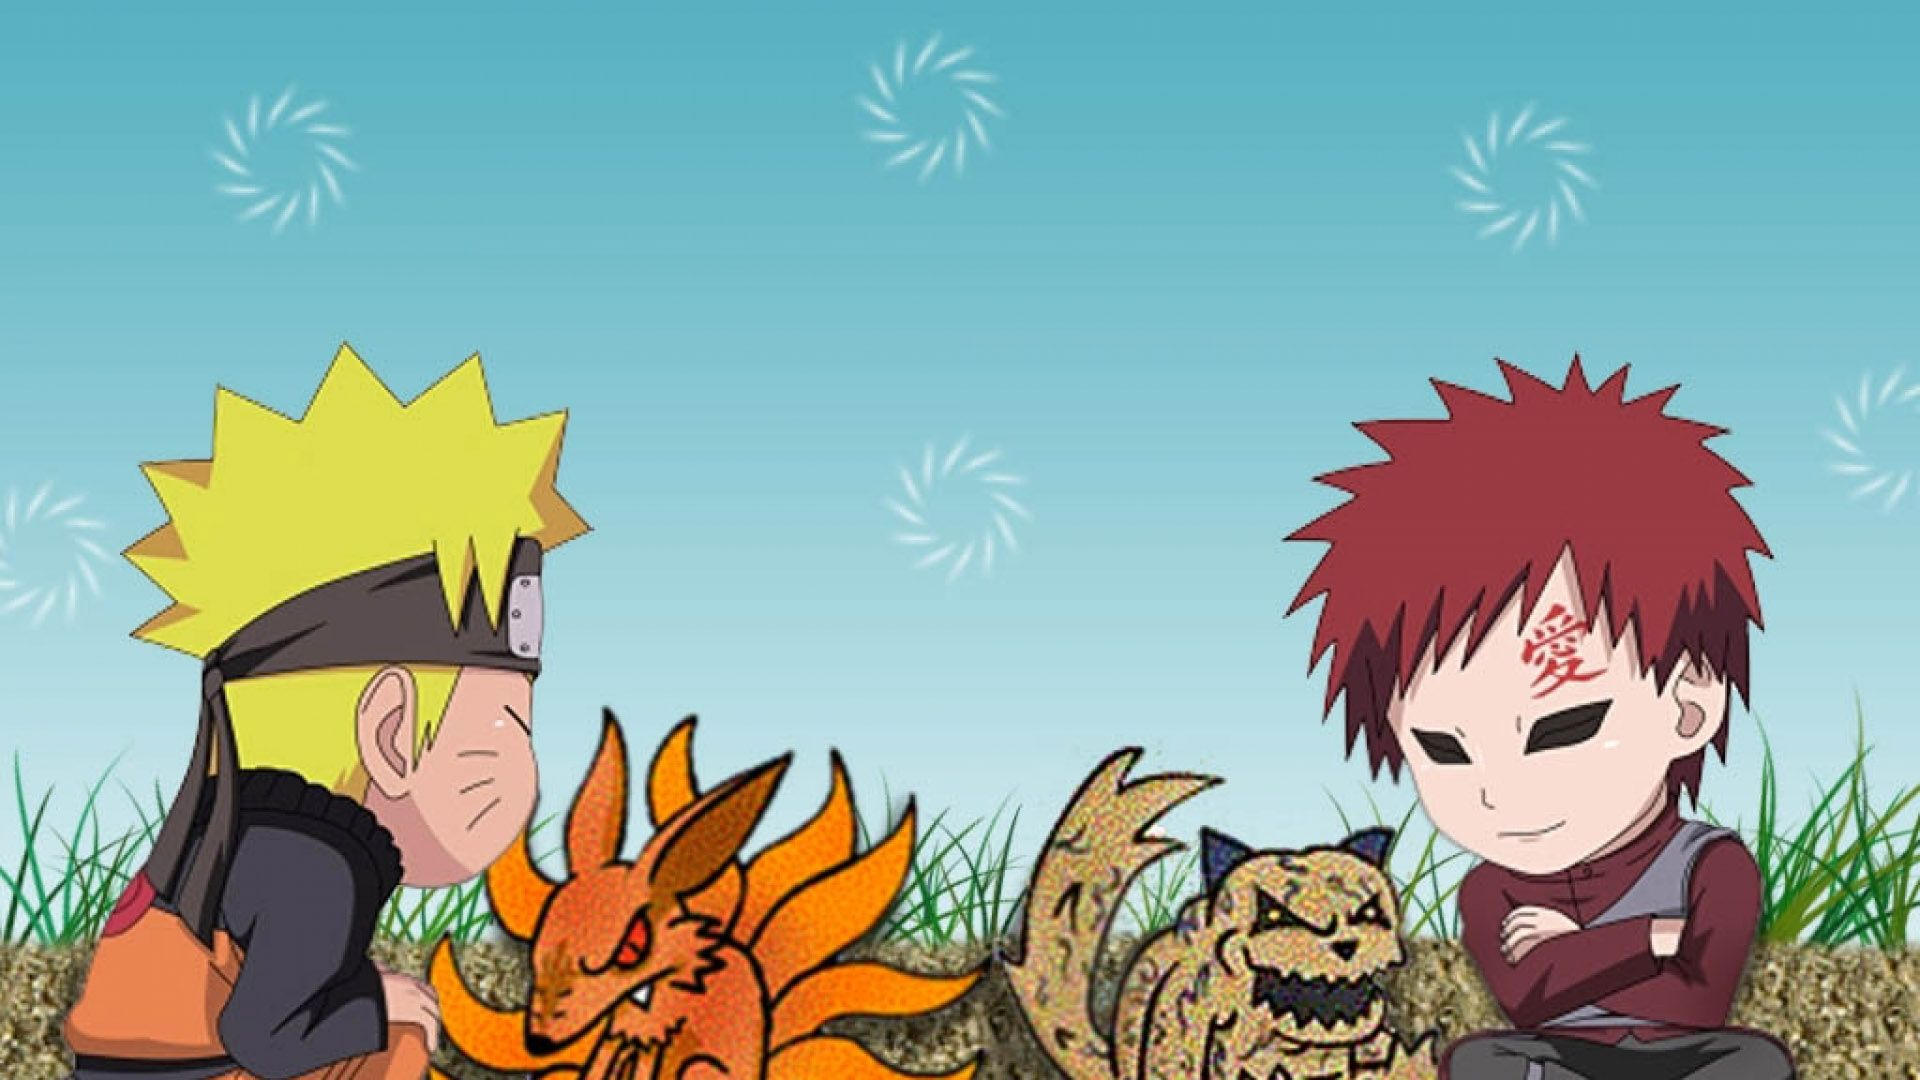 Chibi Naruto And Gaara Wallpaper Hd Wallpapers 1080p Chibi Wallpaper Cute Anime Chibi Anime Backgrounds Wallpapers